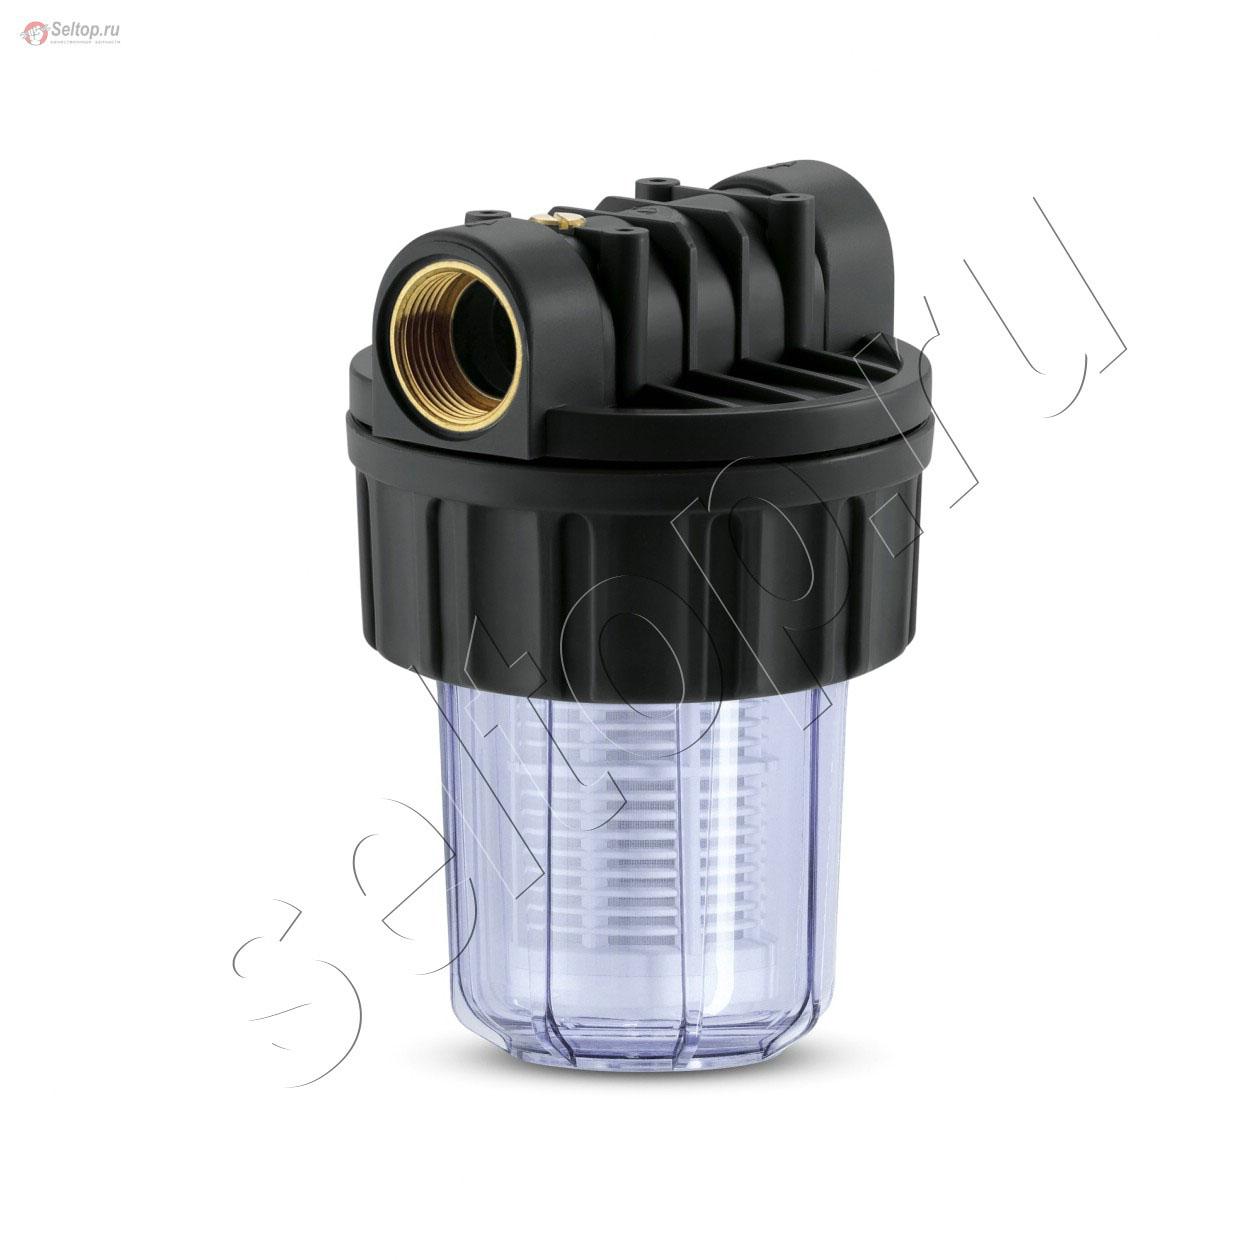 filtr-dlya-moyki